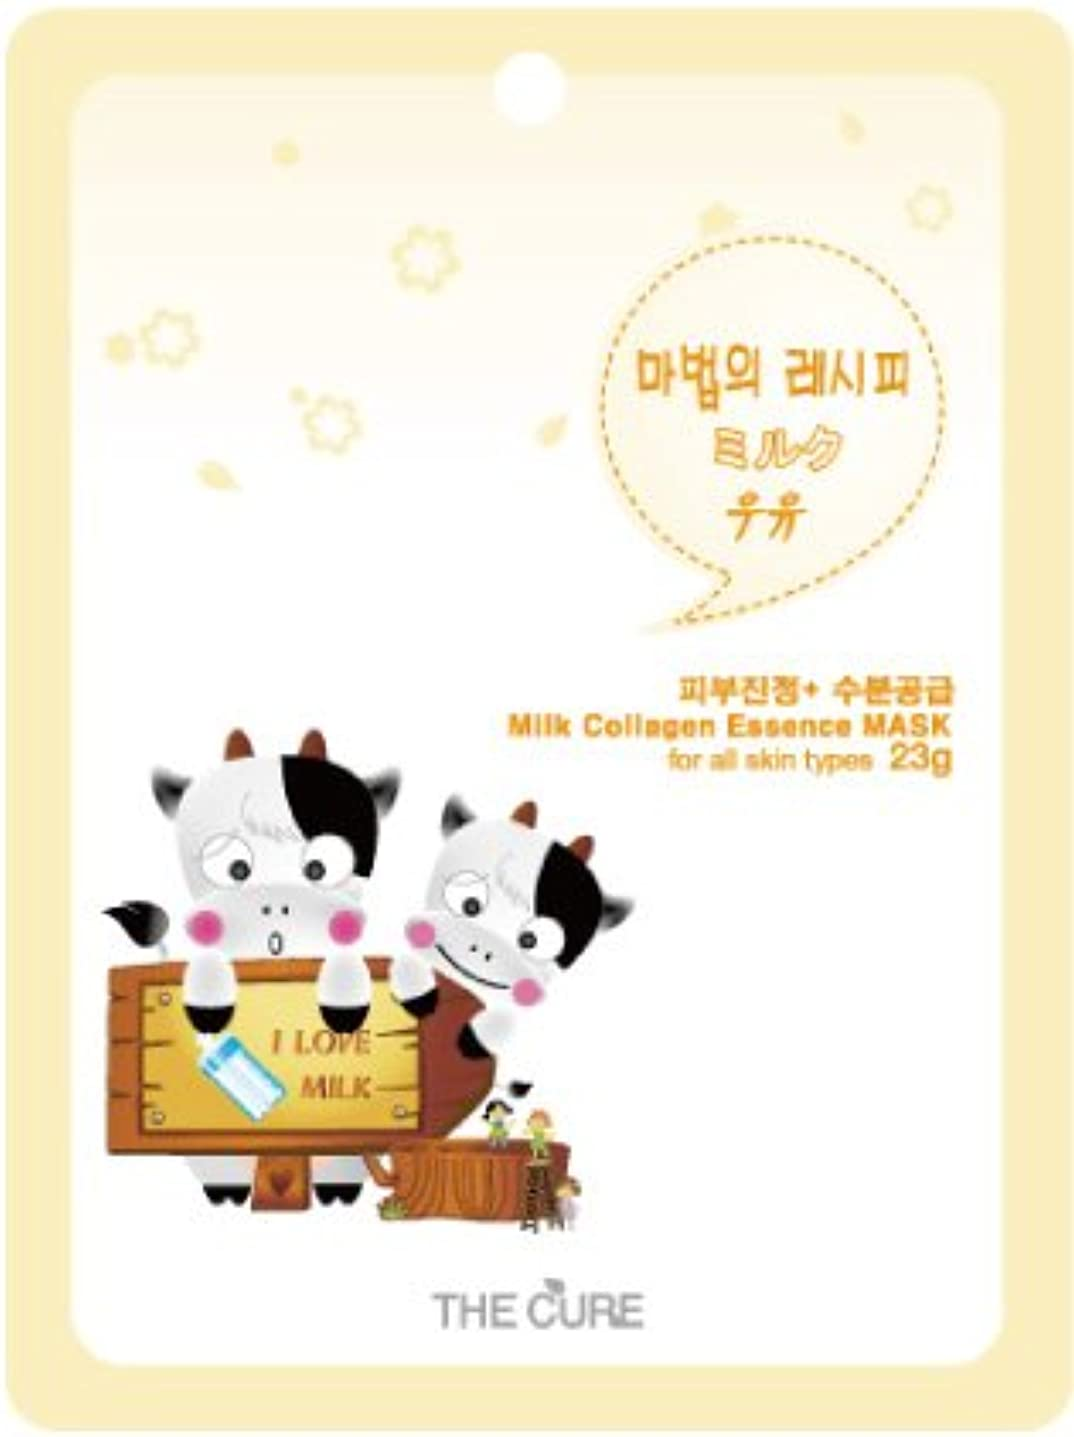 南西ボウル奨励しますミルク コラーゲン エッセンス マスク THE CURE シート パック 10枚セット 韓国 コスメ 乾燥肌 オイリー肌 混合肌